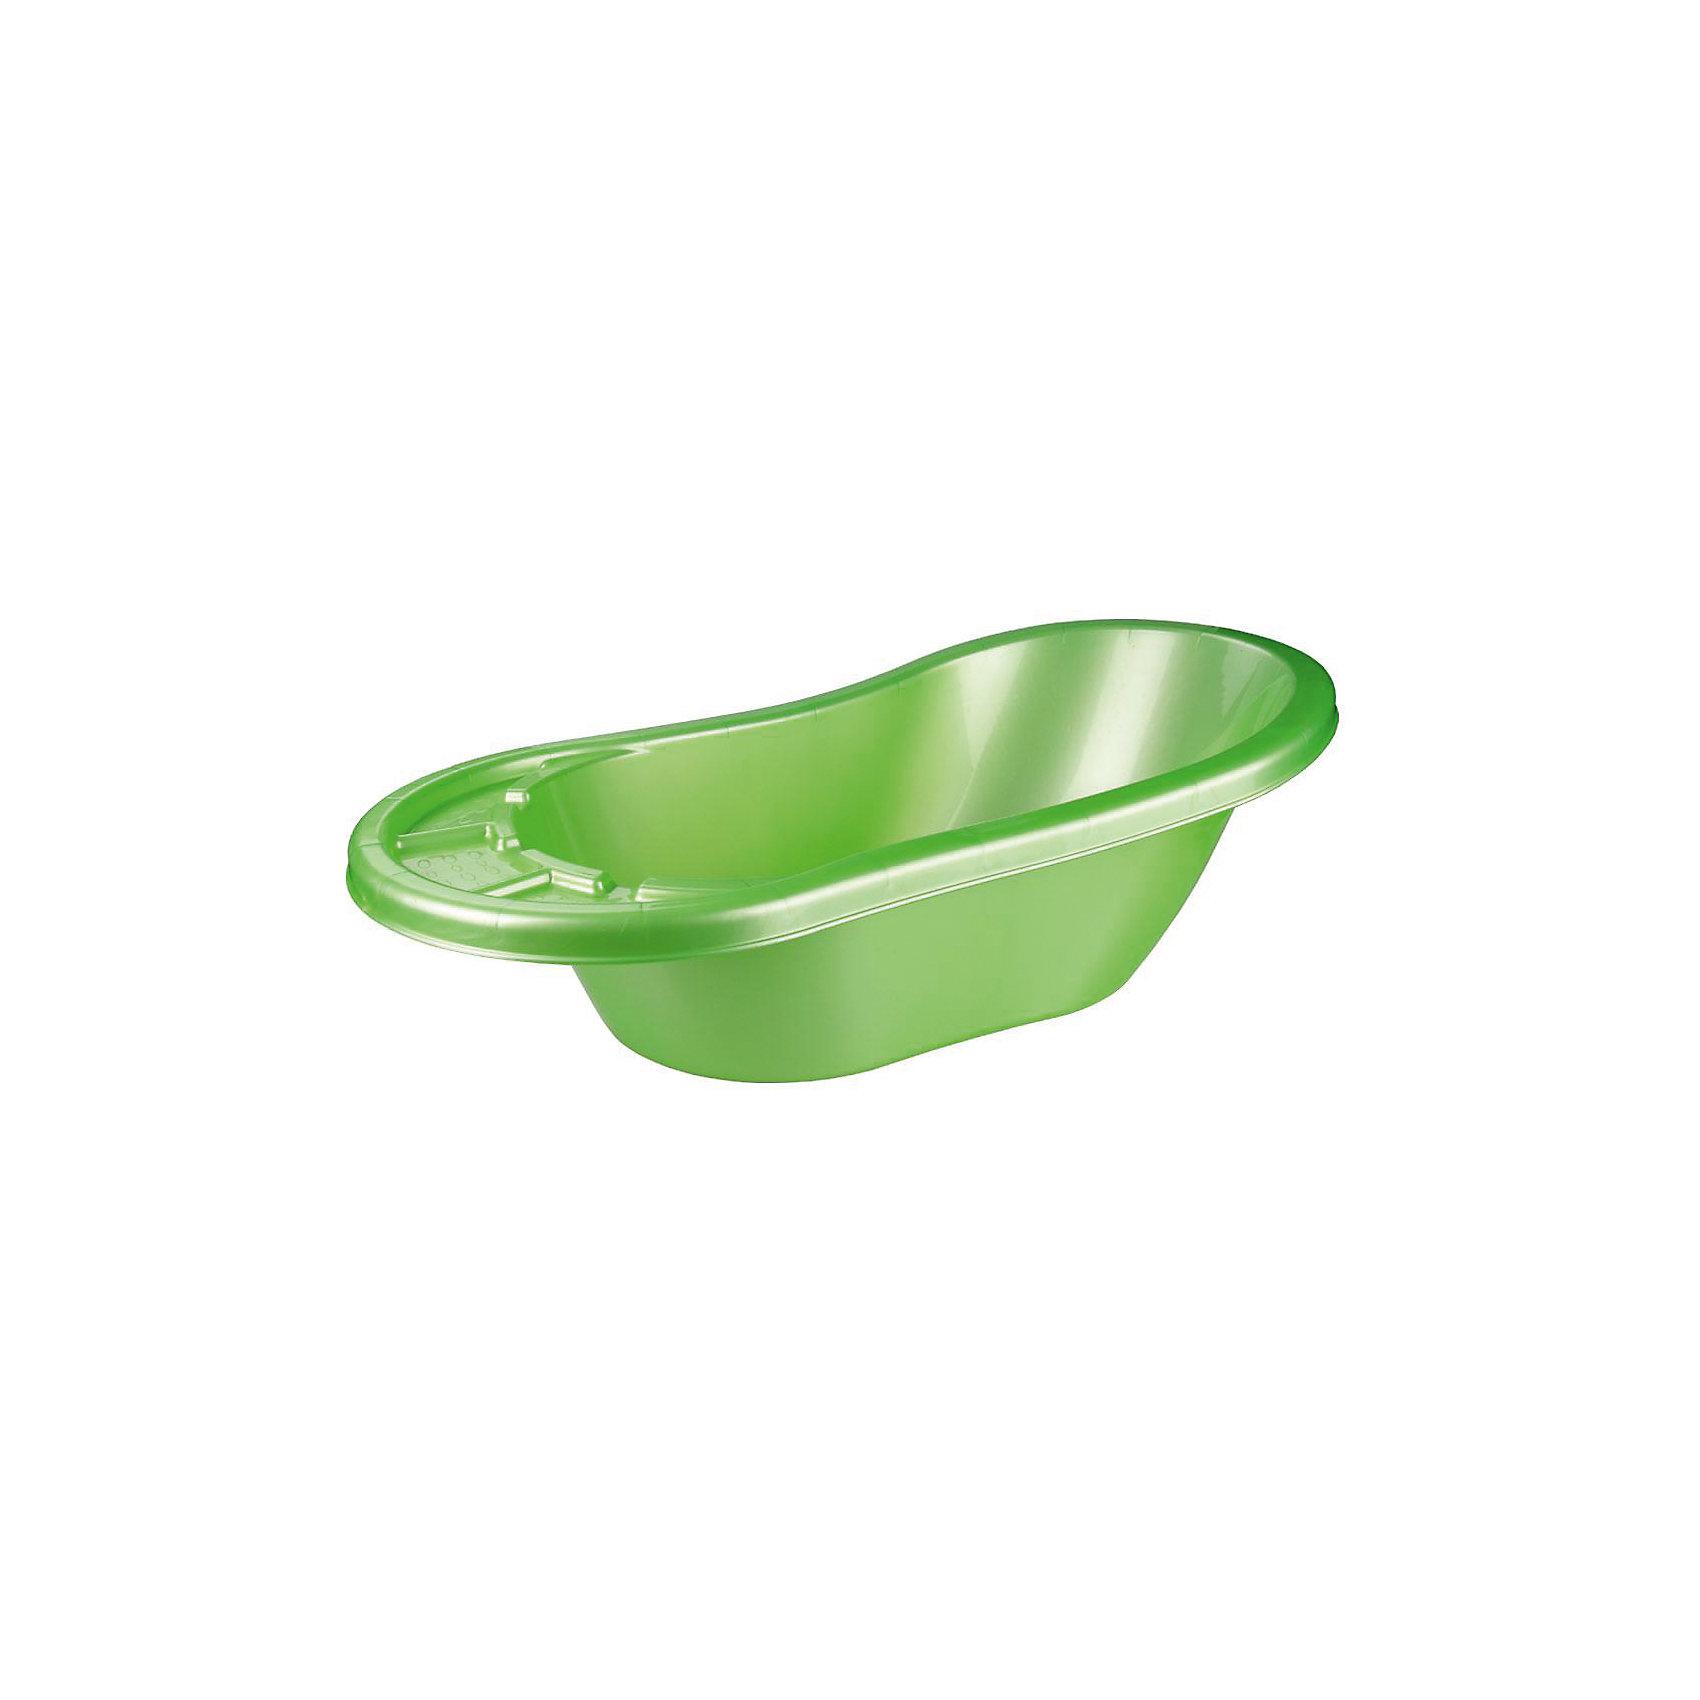 Ванночка Карапуз, Alternativa, салатовыйС самого рождения чистота и гигиена очень важны для здоровья ребёнка. Ванночка Карапуз, Alternativa, салатовый отлично подойдет для ежедневных купаний. Ванночка изготовлена из прочного и безопасного для малыша пластика. Так же ванночка имеет удобную подставку для мыла или любых других предметов. <br><br>Дополнительная информация:<br>-Размер(ДхВхШ):88х46х34 см<br>-Цвет: салатовый<br>-Марка: Alternativa<br><br>Ванночку Карапуз, Alternativa, салатовый вы можете приобрести в нашем интернет-магазине.<br><br>Ширина мм: 880<br>Глубина мм: 450<br>Высота мм: 250<br>Вес г: 1035<br>Возраст от месяцев: 0<br>Возраст до месяцев: 6<br>Пол: Унисекс<br>Возраст: Детский<br>SKU: 5096504